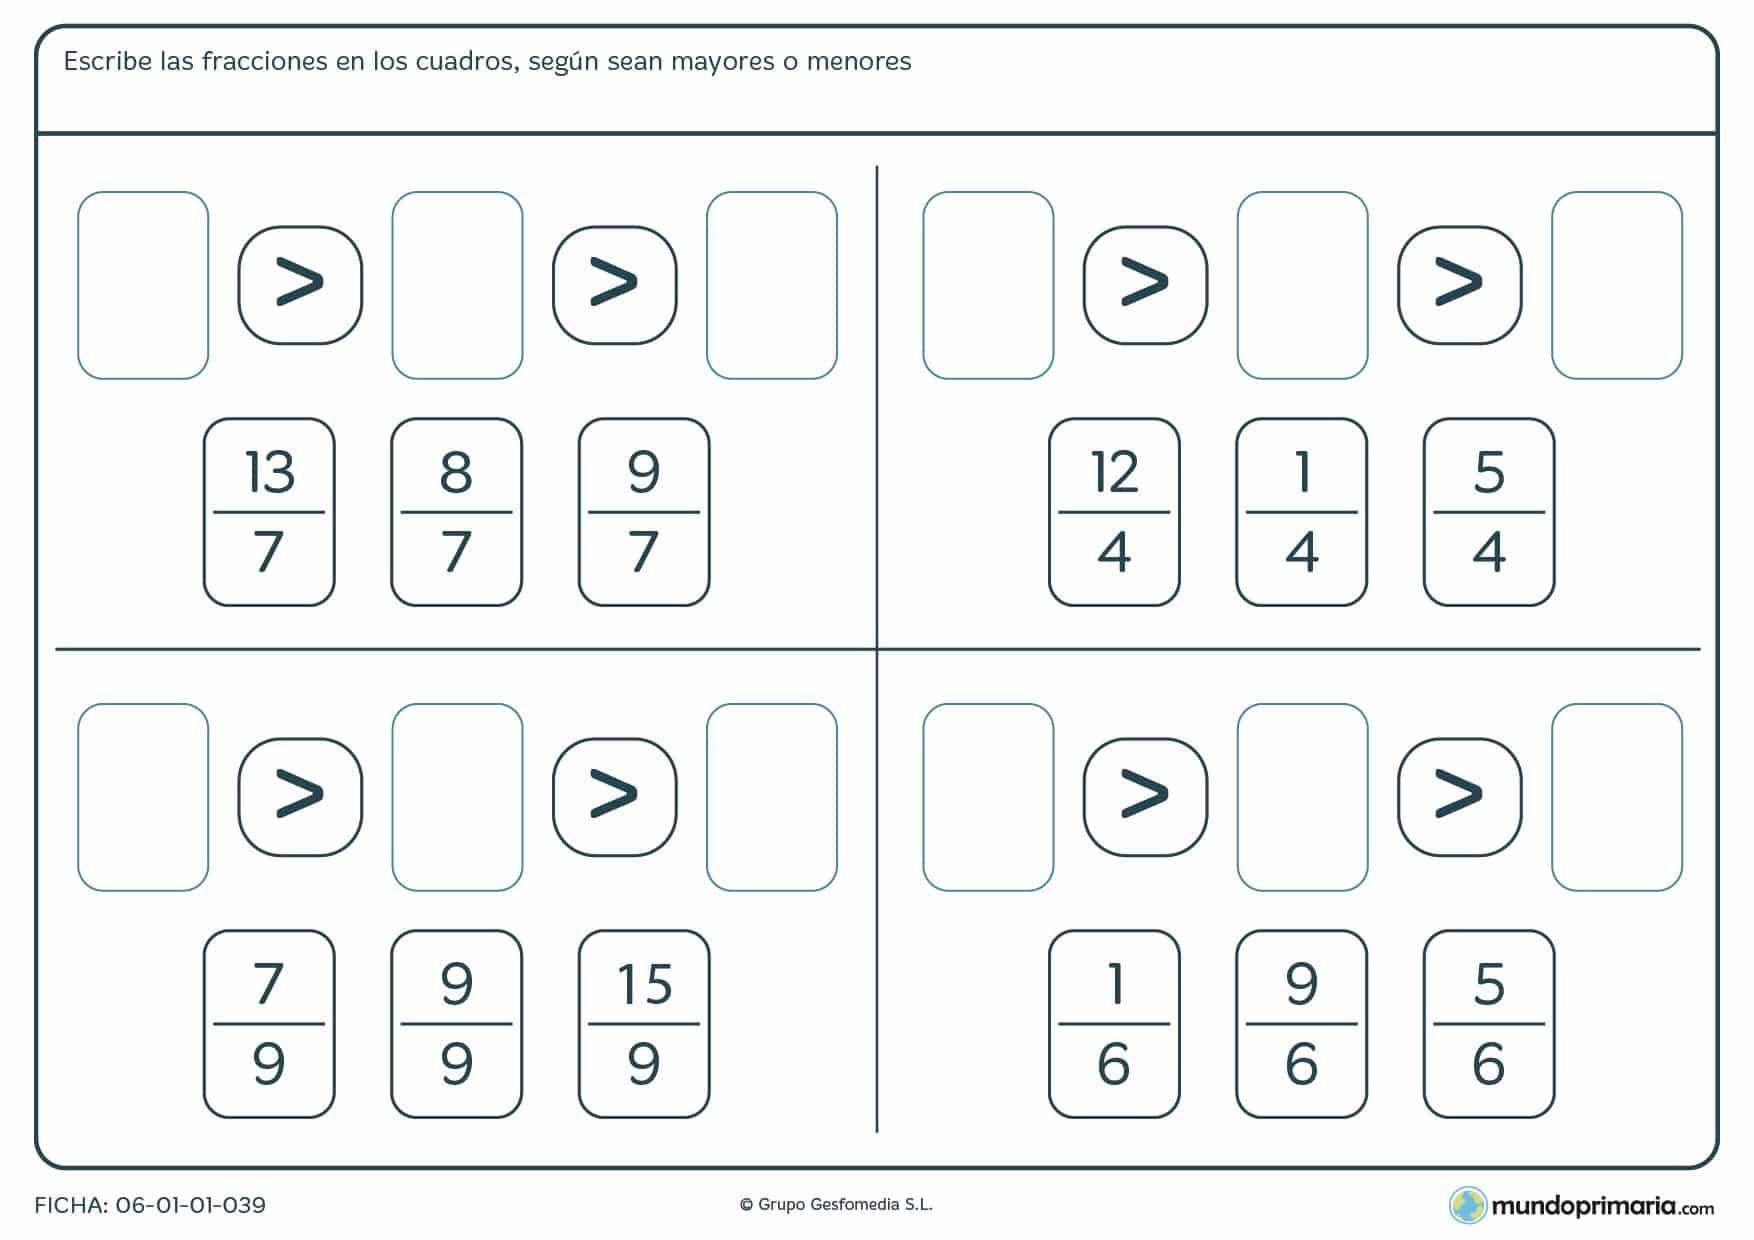 Ficha de ordenar fracciones de mayor a menor que poseen un mismo denominador, recomendada para niños a partir de 4º de Primaria